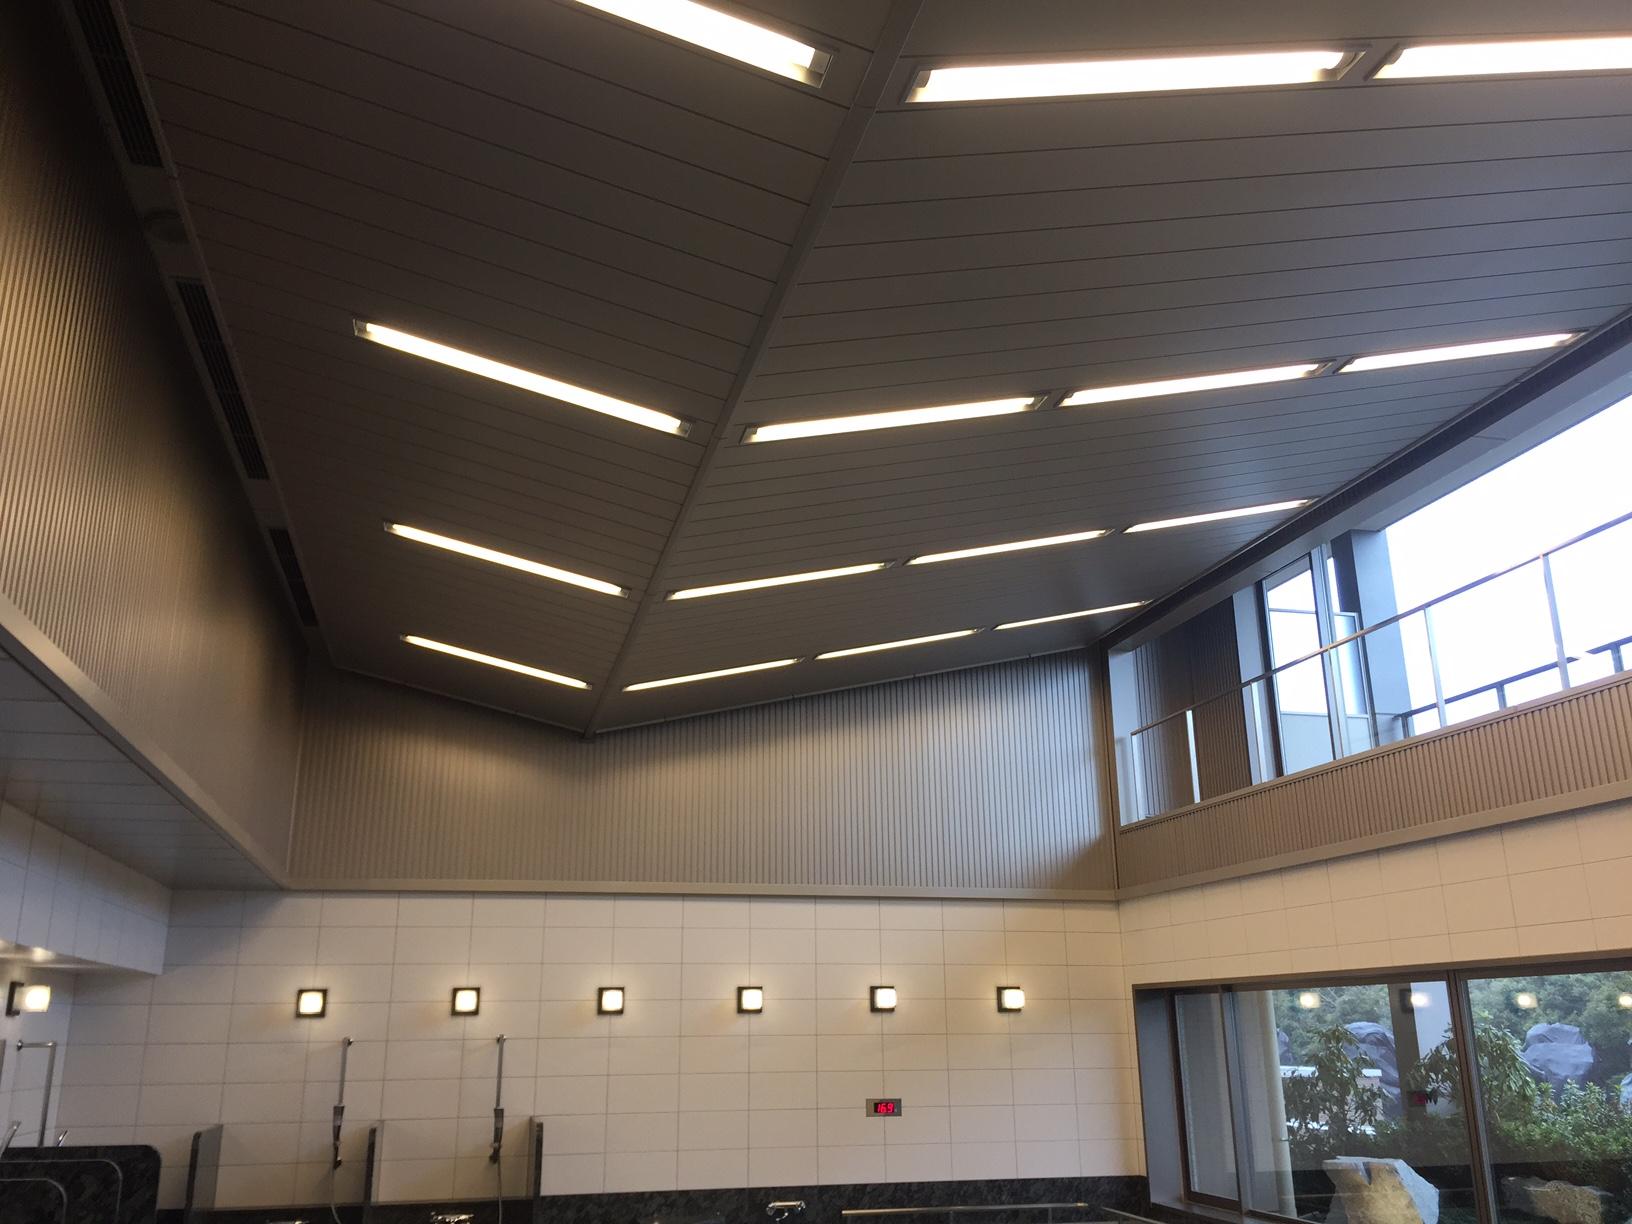 サンシティー立川昭和記念公園 天井照明パネル(4方) 天井・壁パネル・結露受け